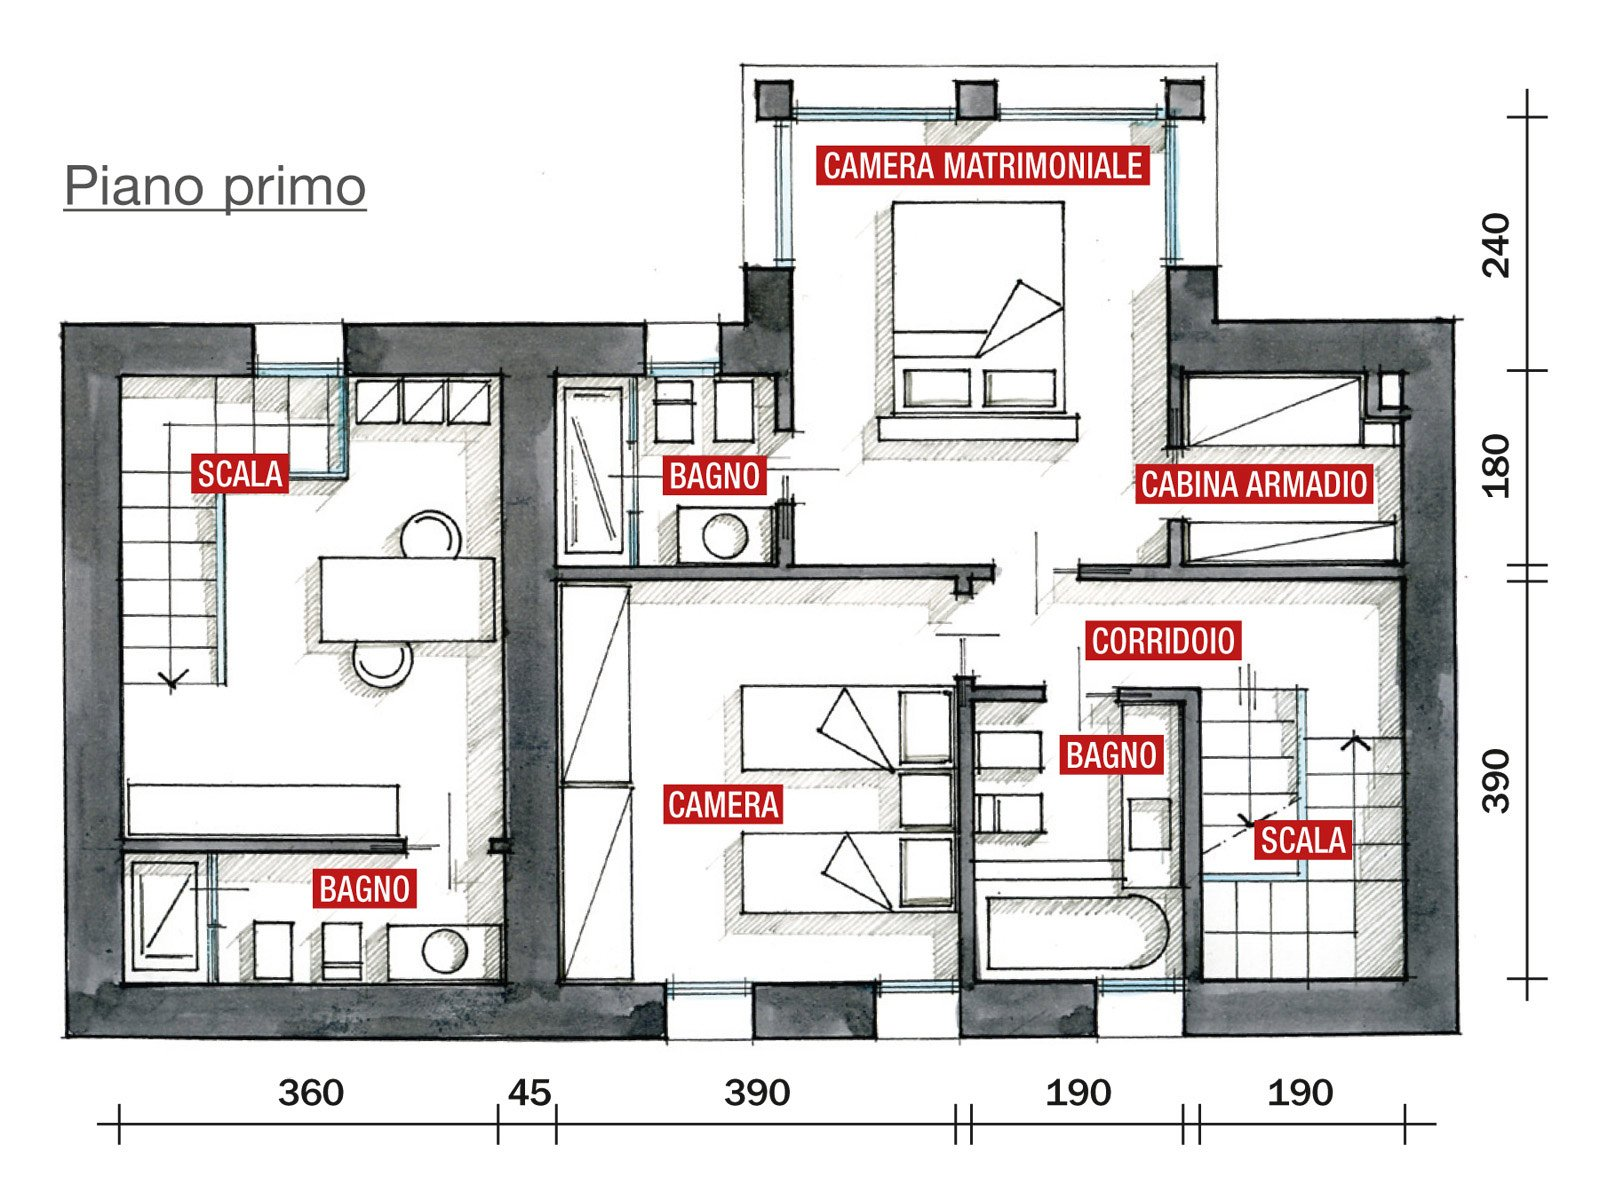 Legno e pietra a vista nella casa restaurata cose di casa for Che disegna progetti per le case